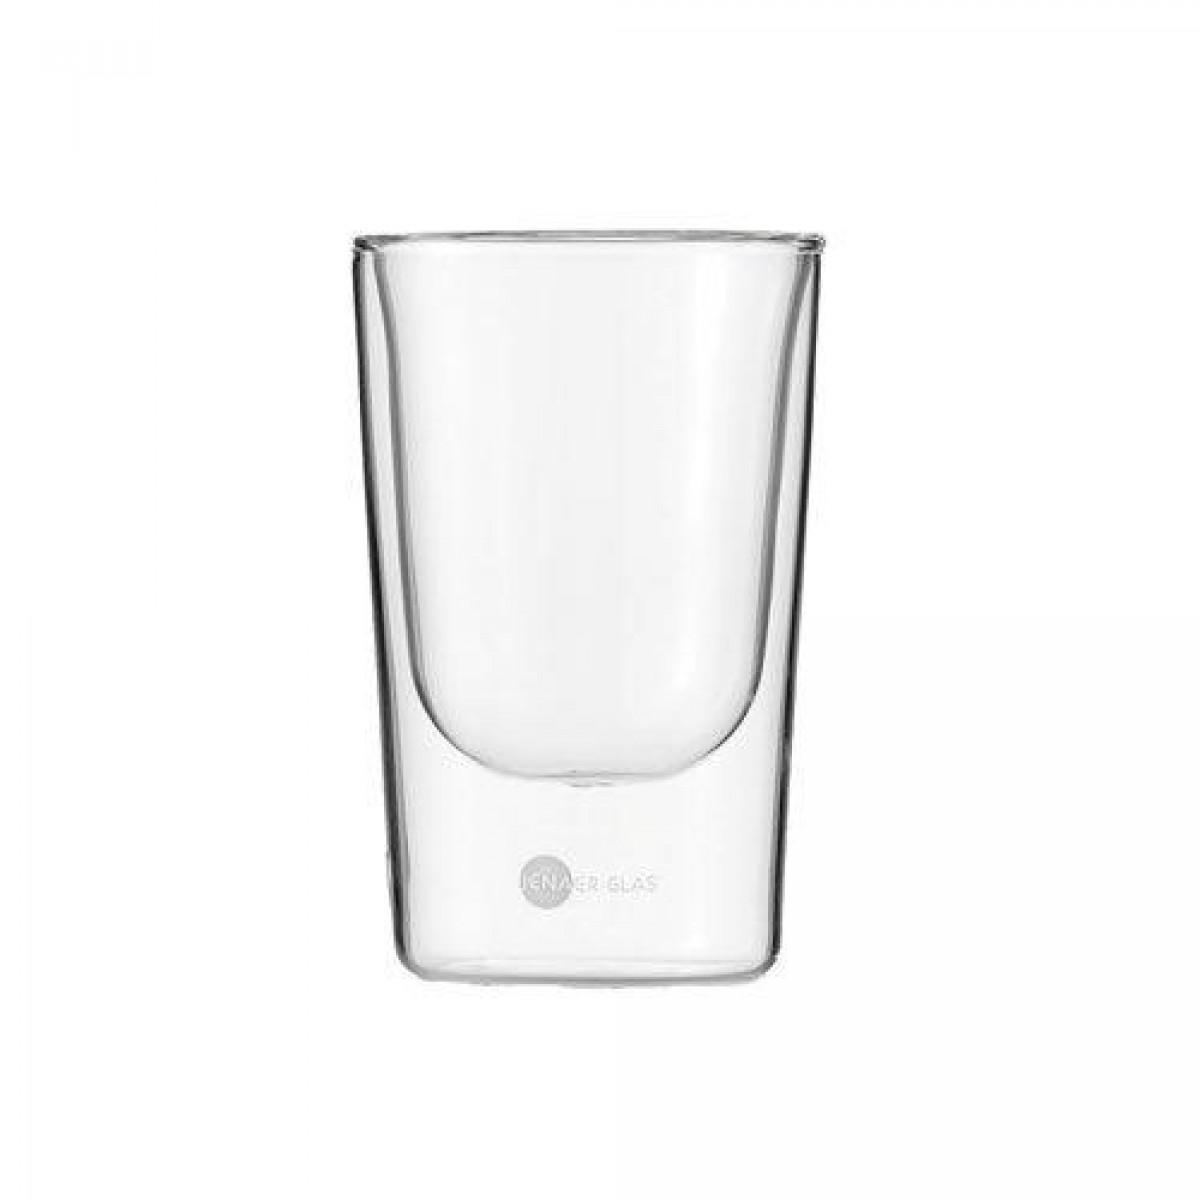 """Набор  стаканов  Jenaer Glas Becher""""PRIMO"""" L Hot'n'Cool, 2 шт, объем 0,145 л, прозрачный Jenaer Glas 115901 фото 1"""